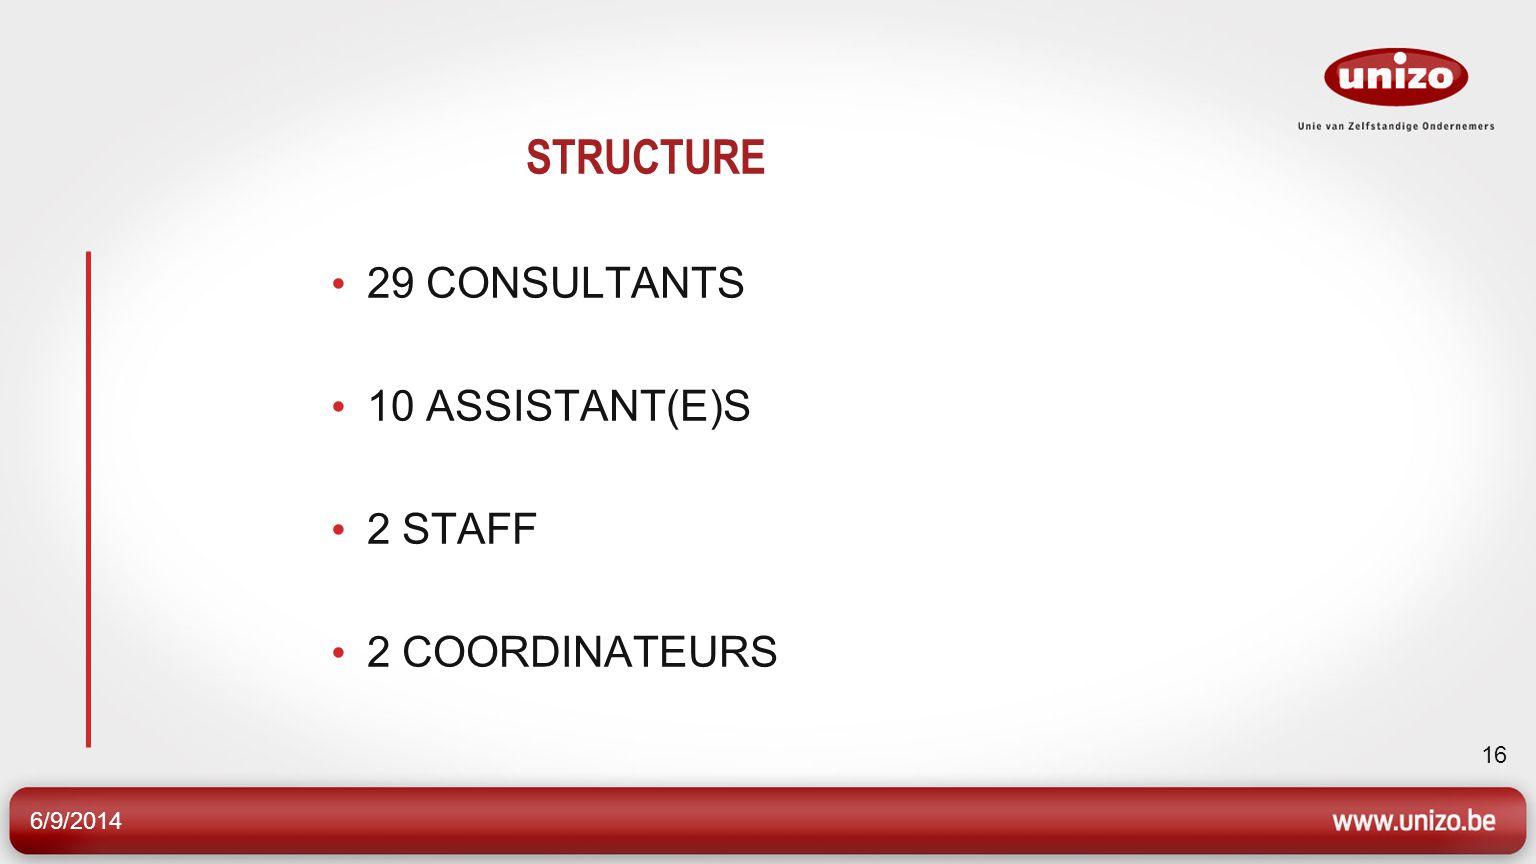 6/9/2014 16 STRUCTURE 29 CONSULTANTS 10 ASSISTANT(E)S 2 STAFF 2 COORDINATEURS